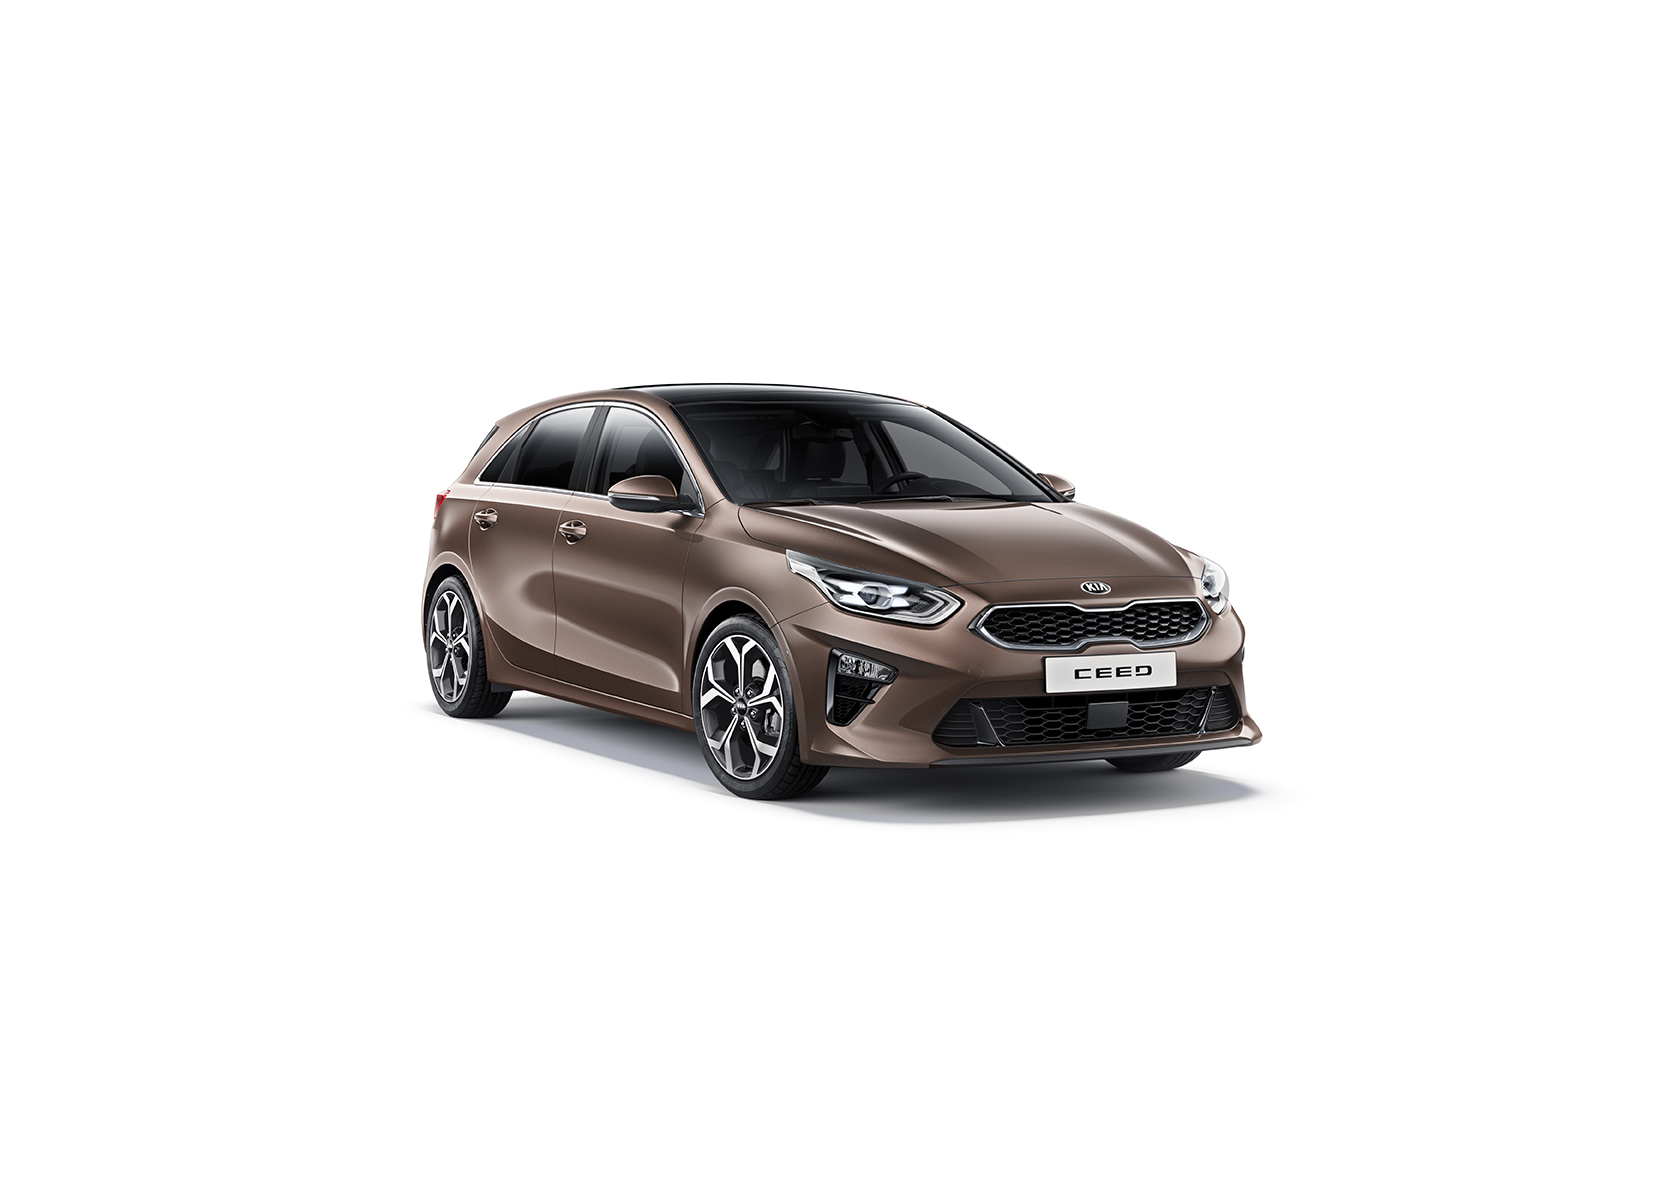 Kia Cee´d 2018 bei Auto Stahl Detail Seitenansicht Braun Front